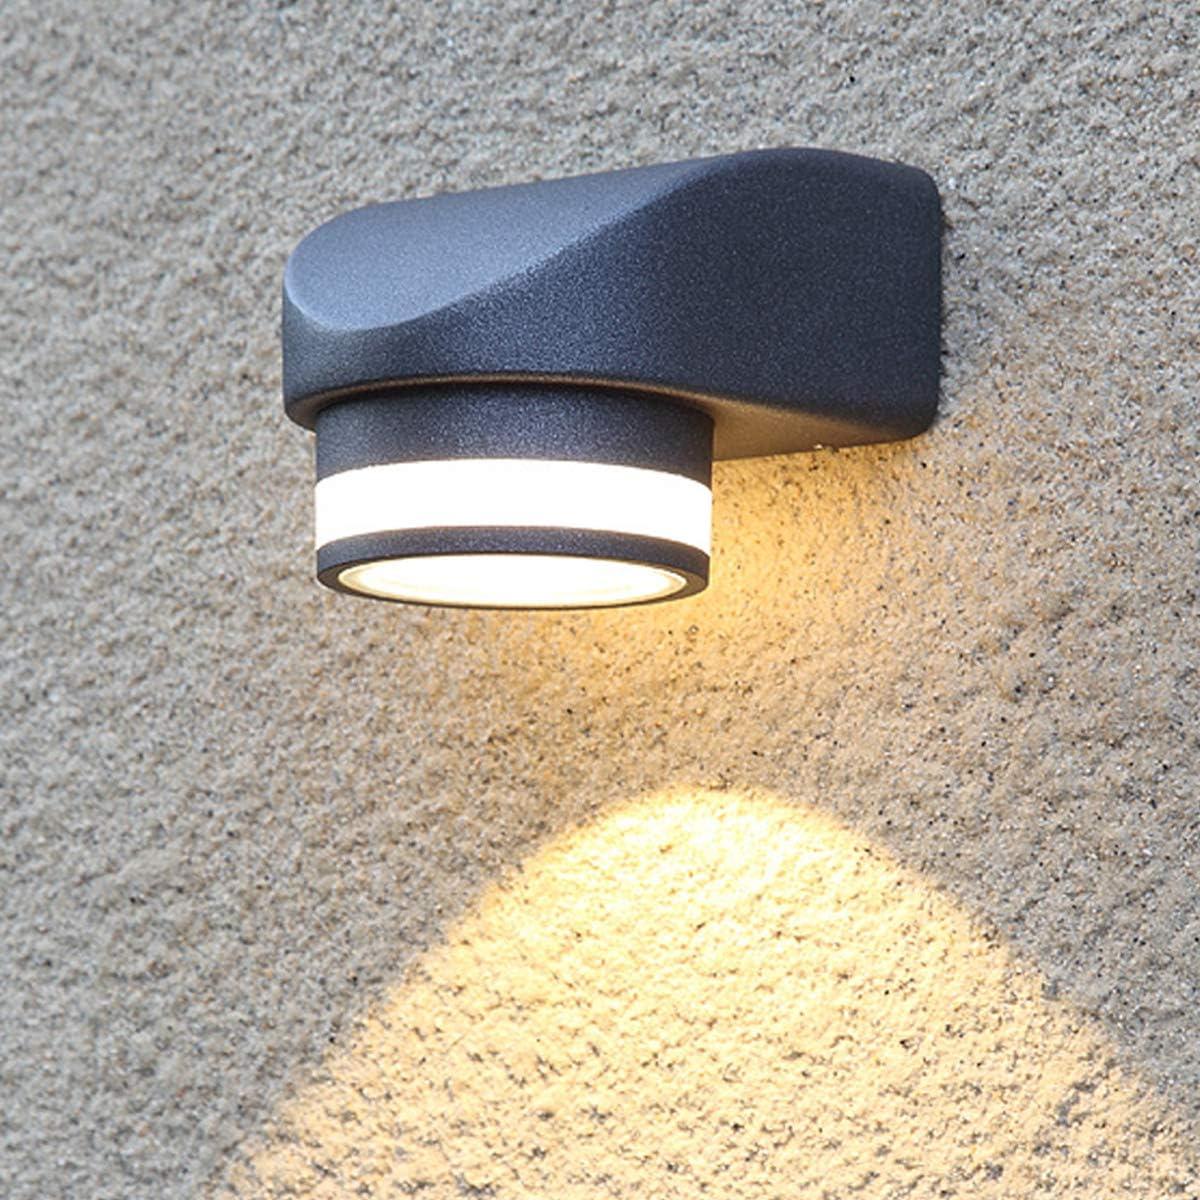 Nero-3000K Lampada da Muro con Induzione Magnetica 12W LED Luce Bianca Calda 3000K Schermo Regolabile 180 Gradi in Alluminio per Corridoio Soggiorno Camera da Letto Dr.lazy Applique a Parete